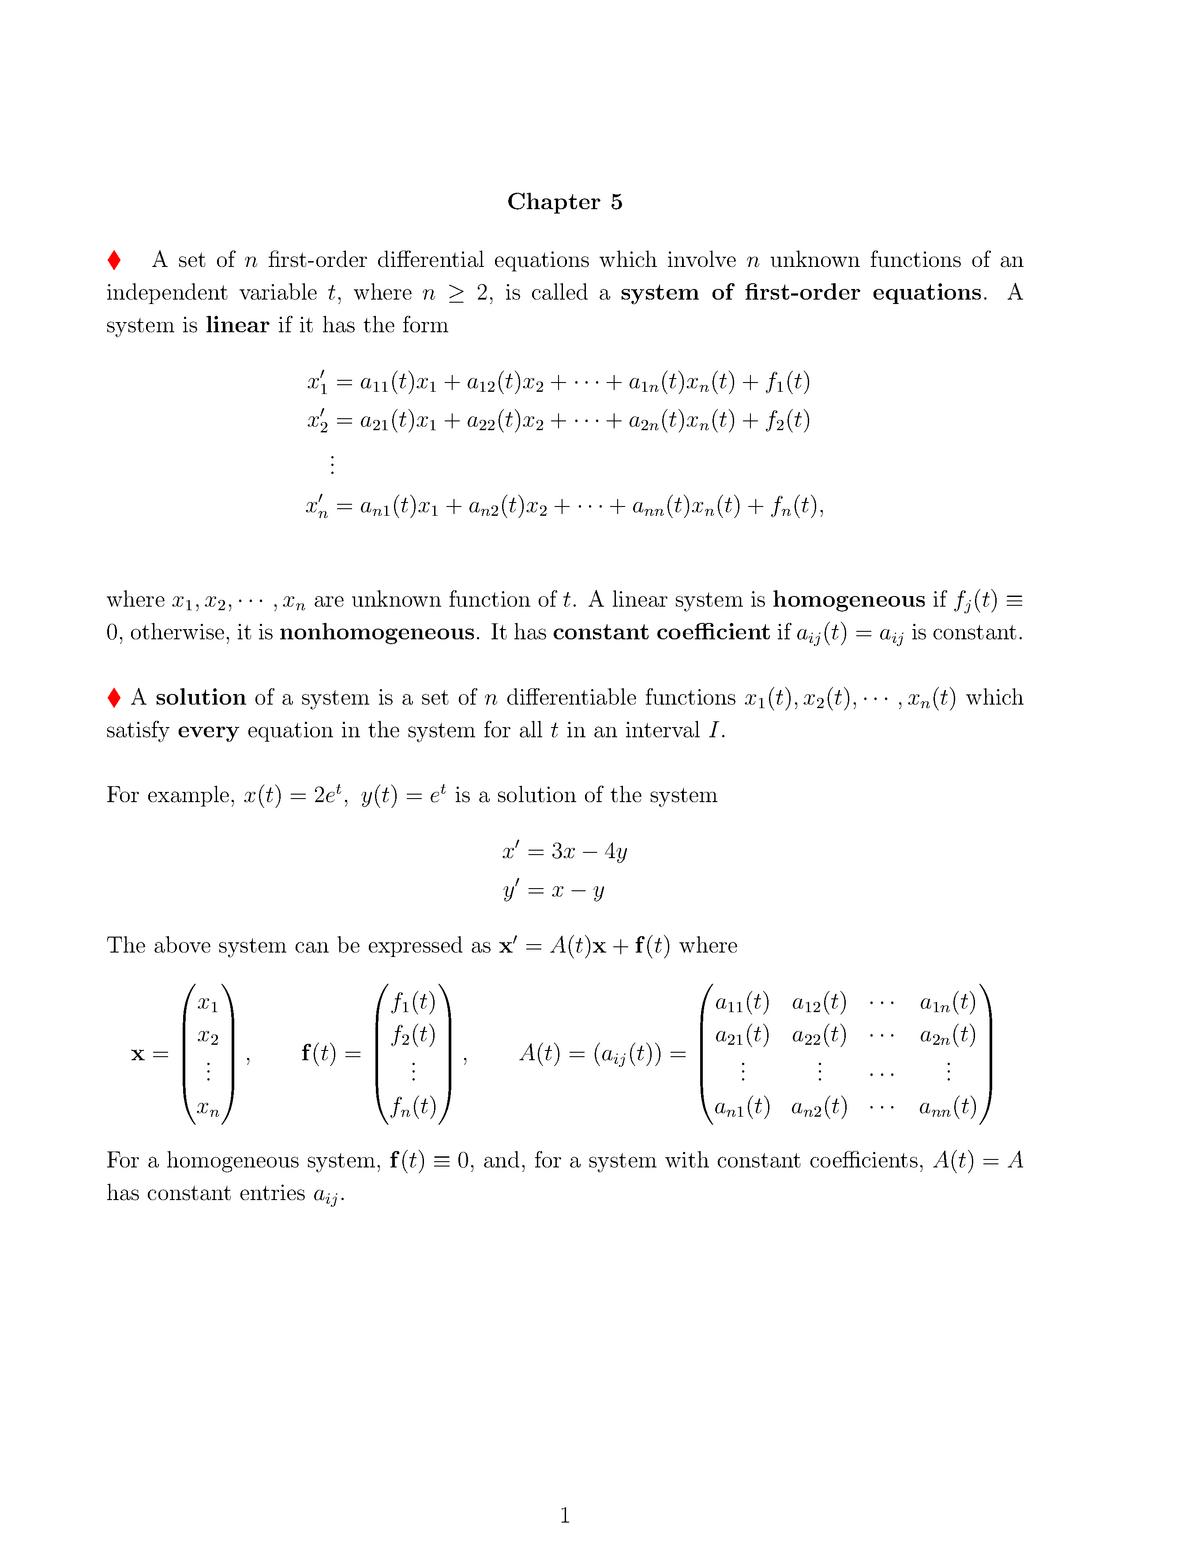 Summary Math 1005 Math 1005 19 Mar 2019 - StuDocu